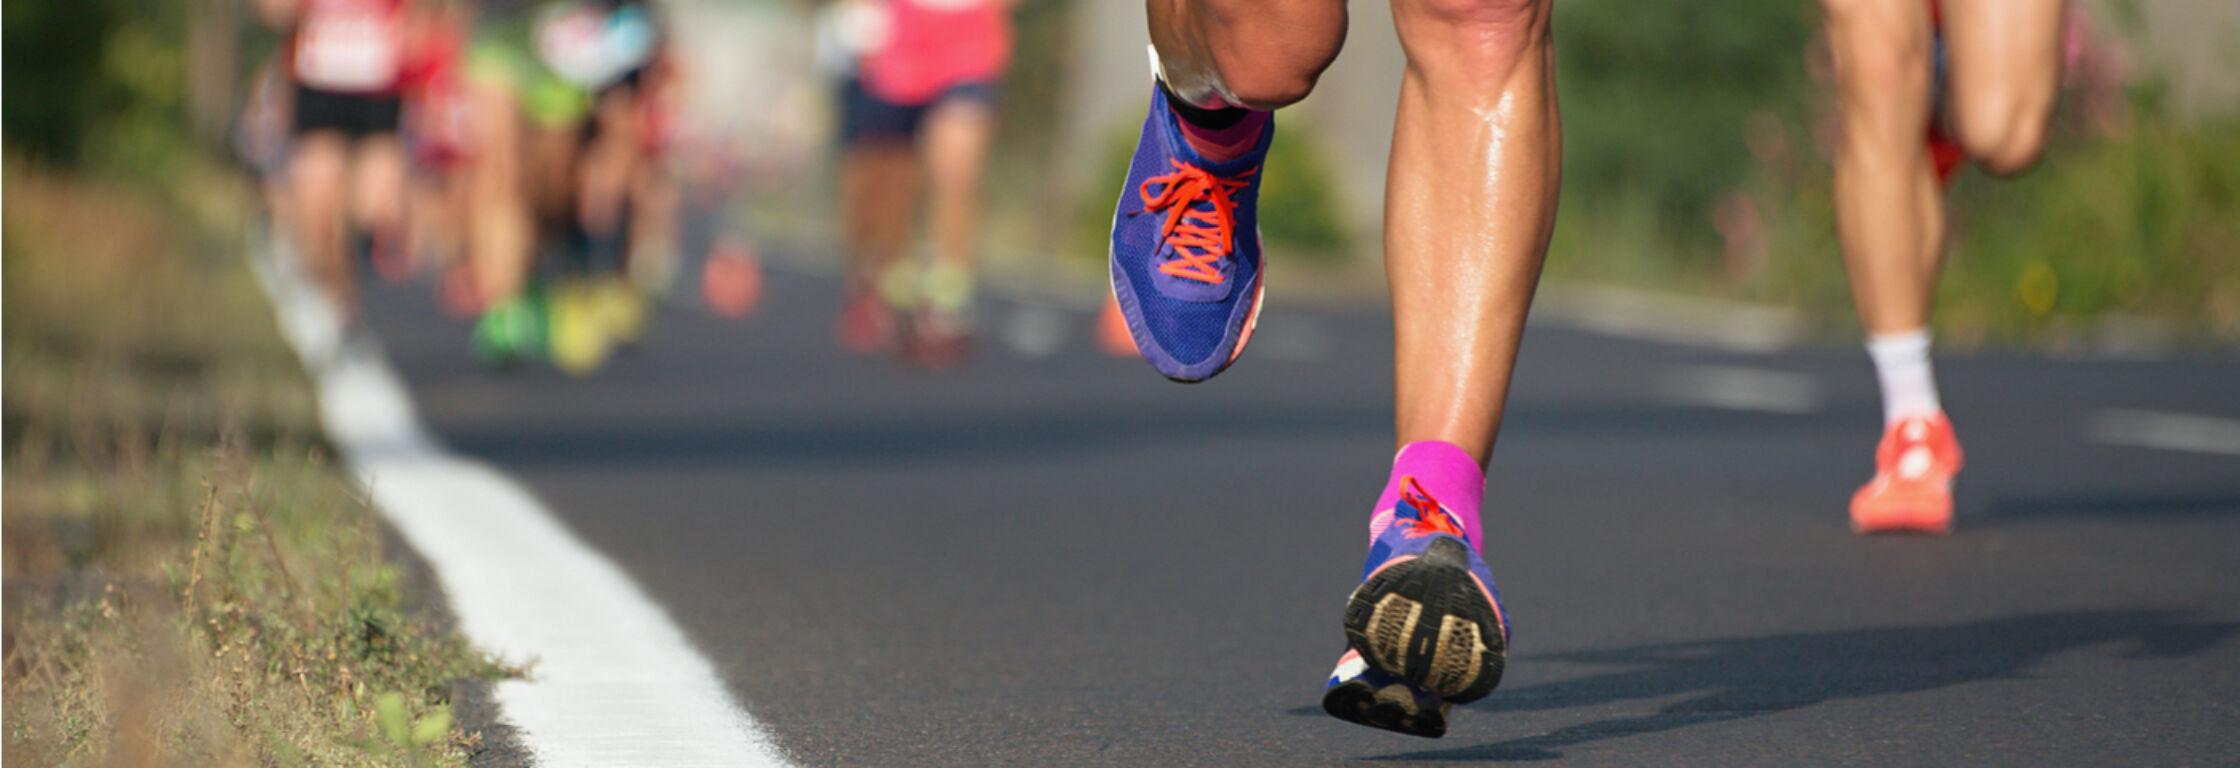 Hardlopen is een belangrijke basis voor de triathlon